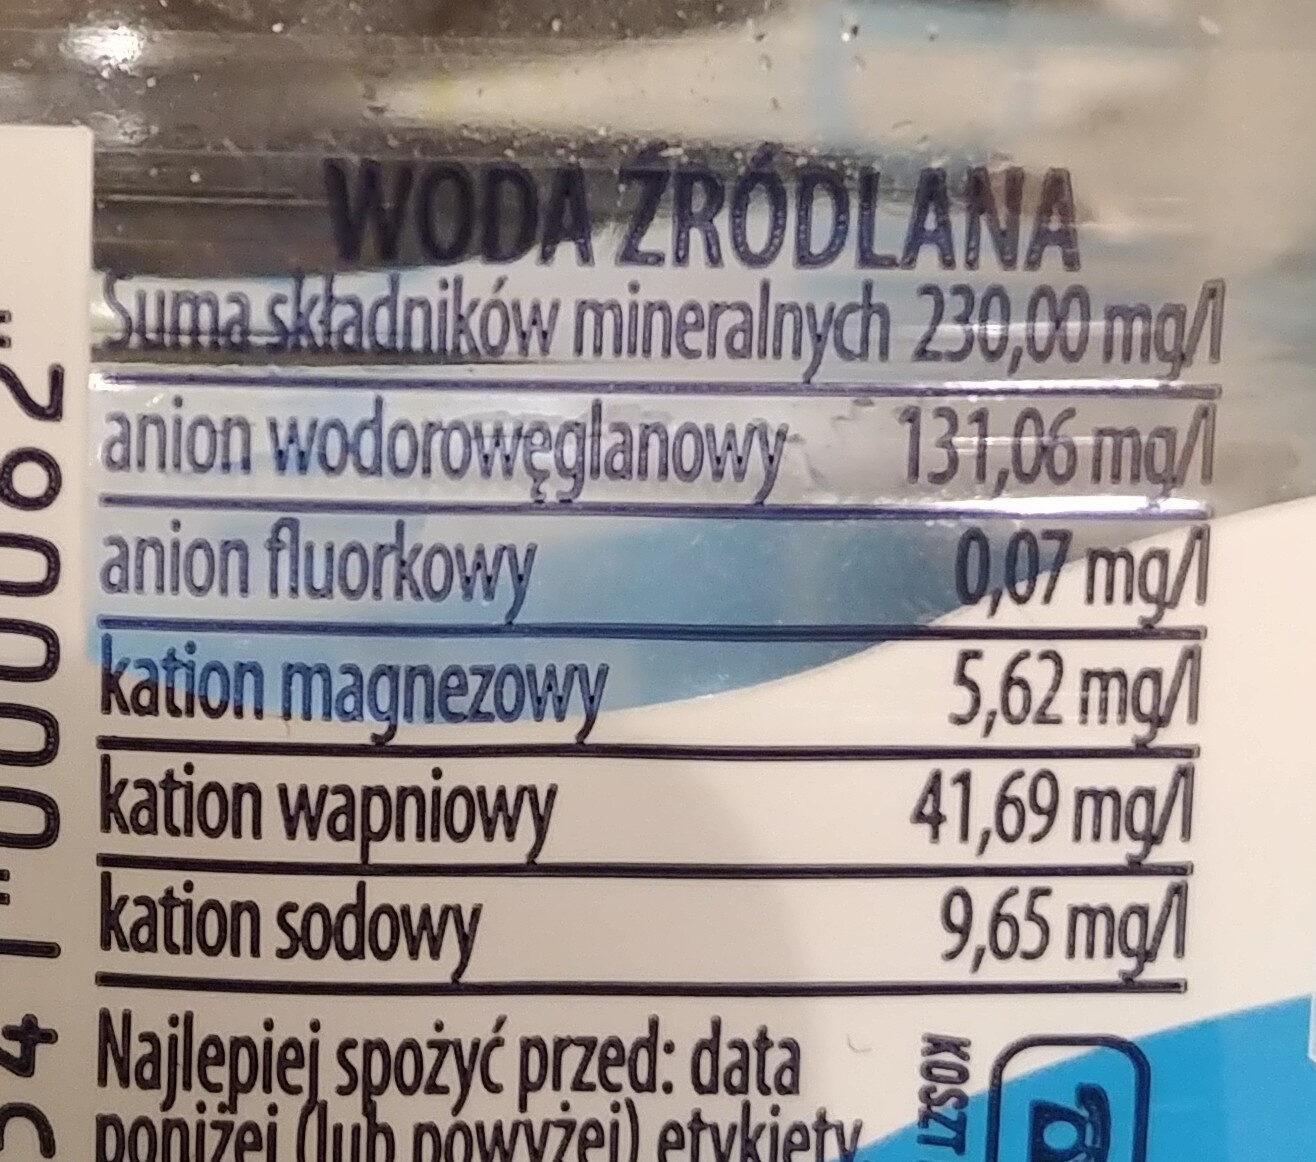 Żywiec Zdrój - Ingrediënten - pl